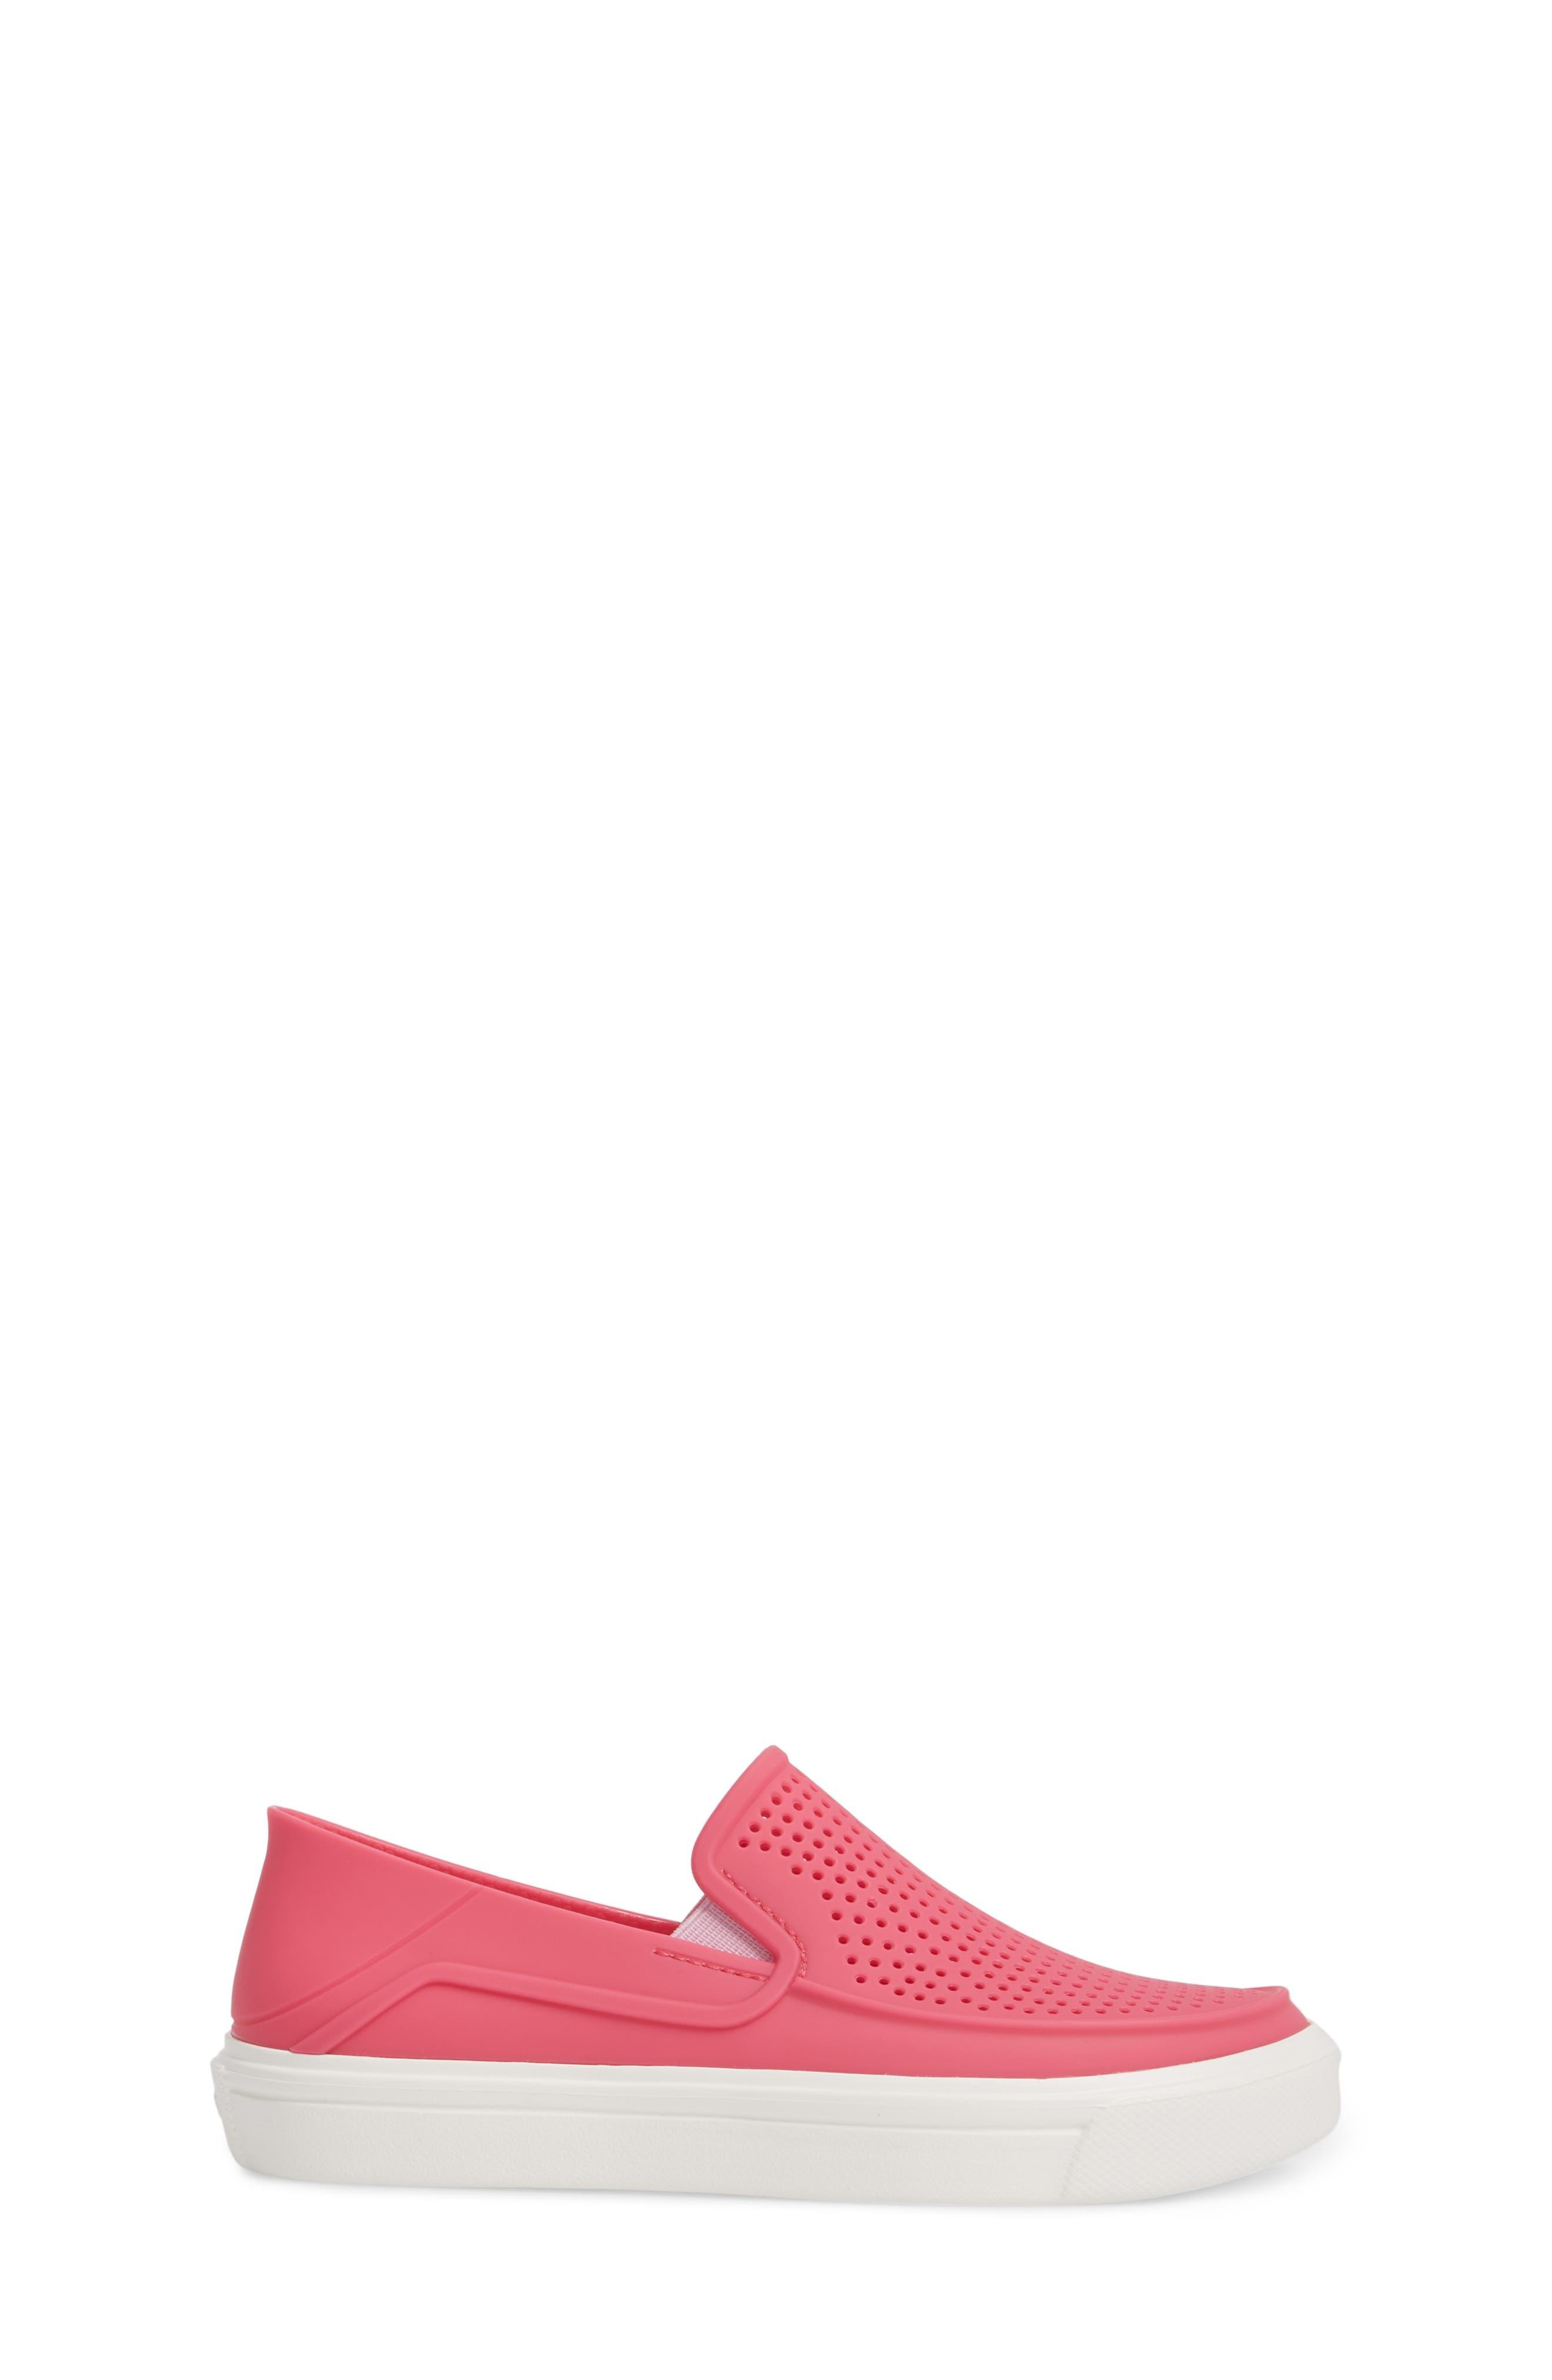 CitiLane Roka Slip-On,                             Alternate thumbnail 3, color,                             Paradise Pink/ White